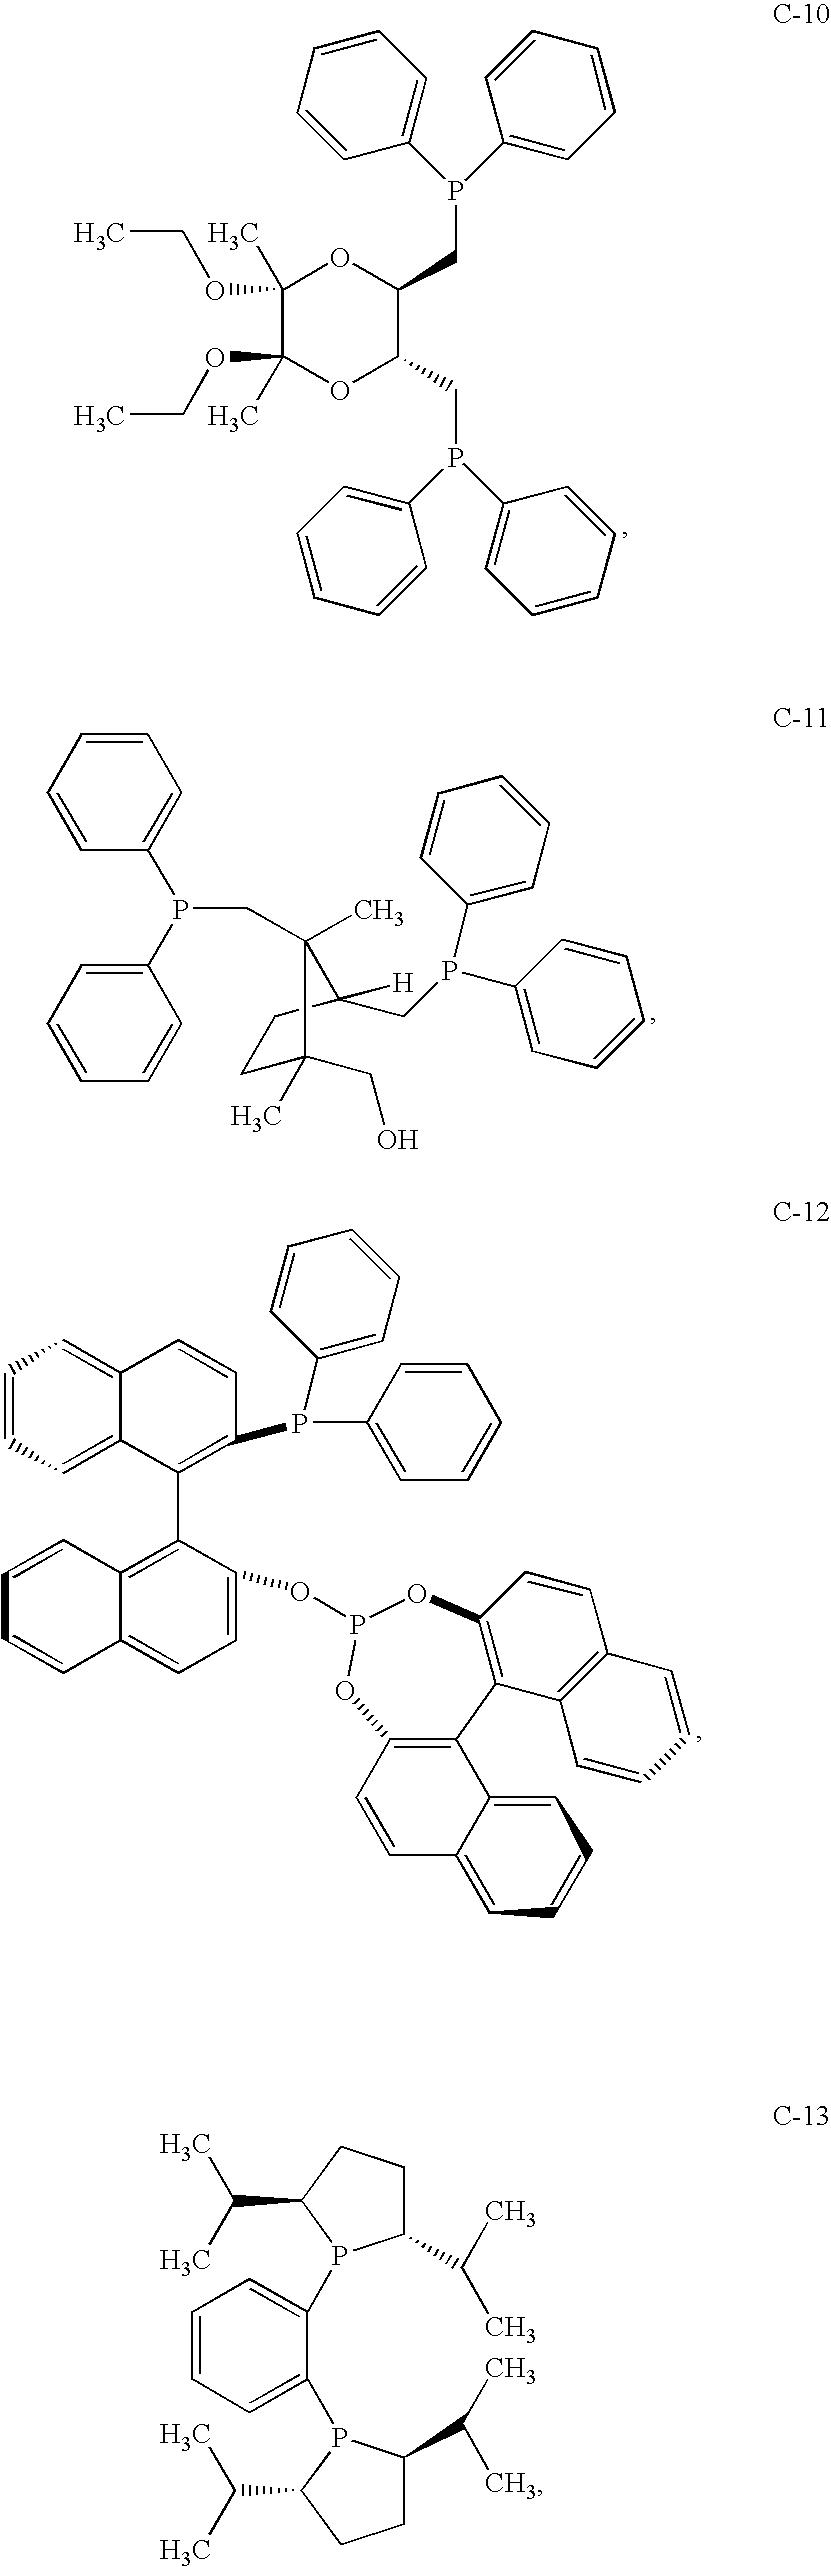 Figure US20100173892A1-20100708-C00043